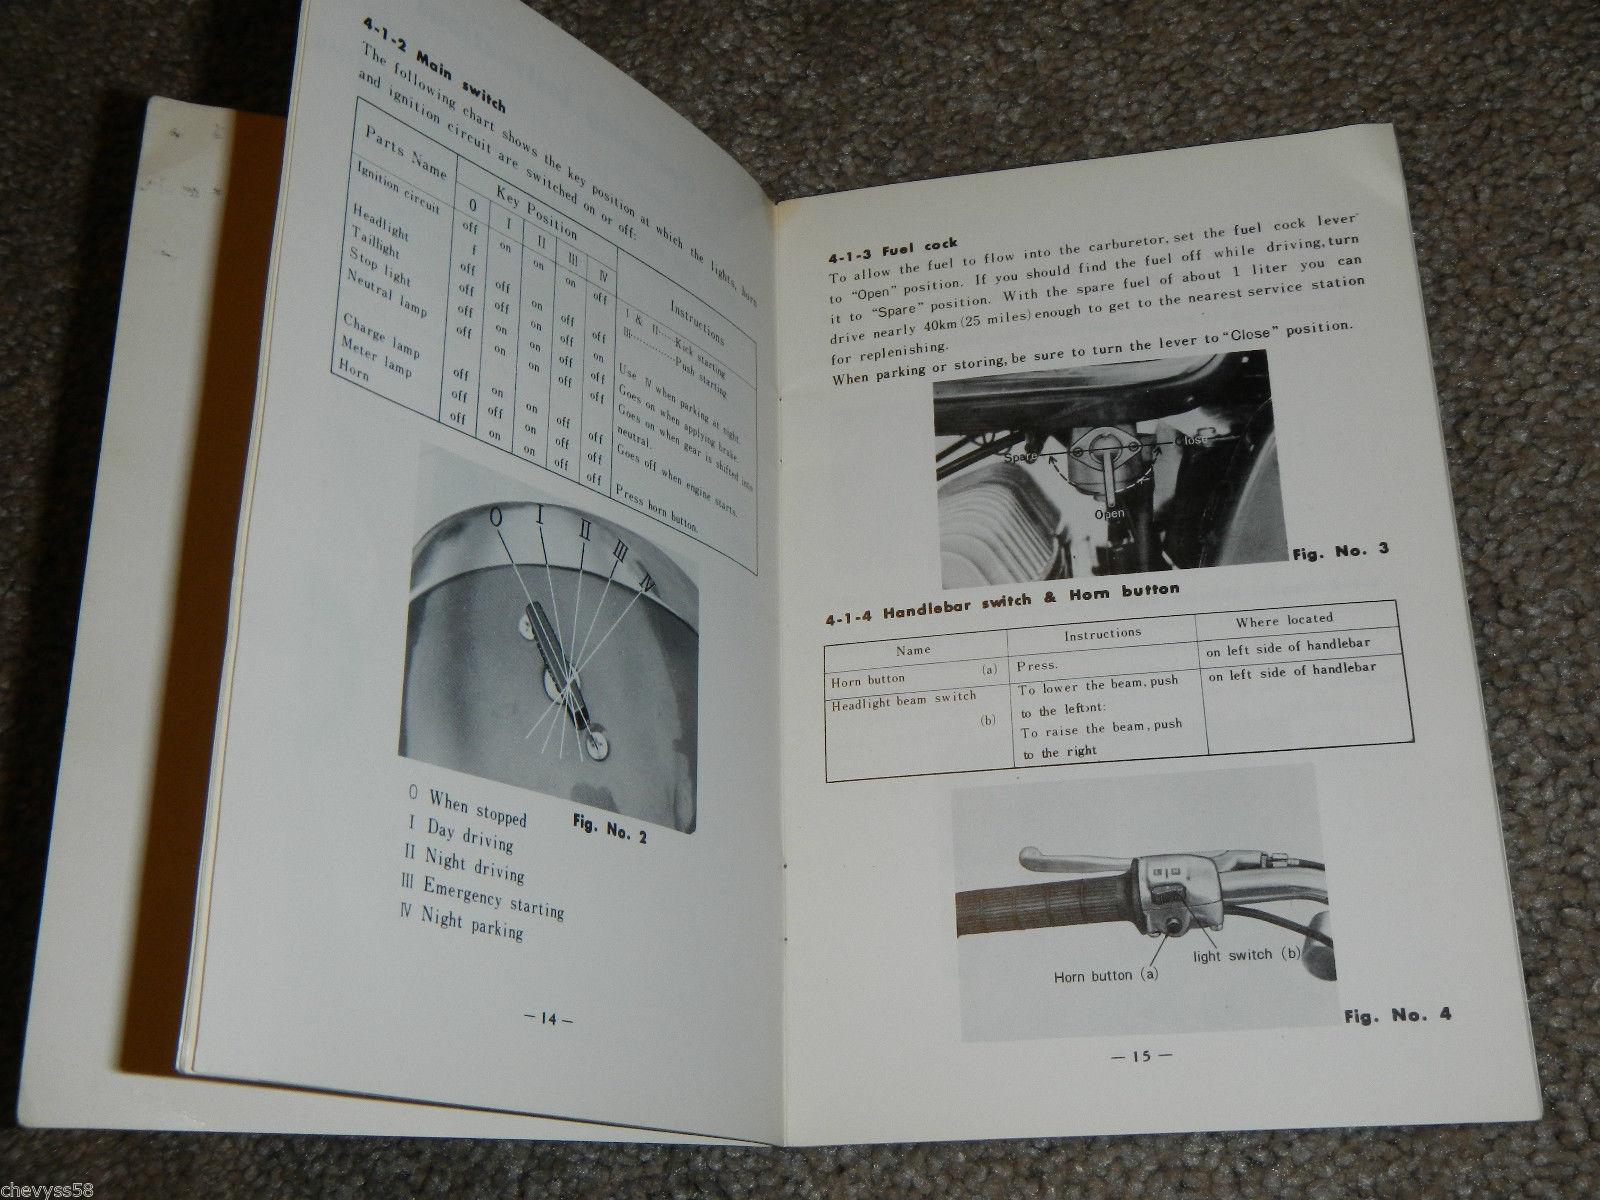 1967 67 yamaha ym2 c 305 ym2c big bear rider and 15 similar items rh bonanza com